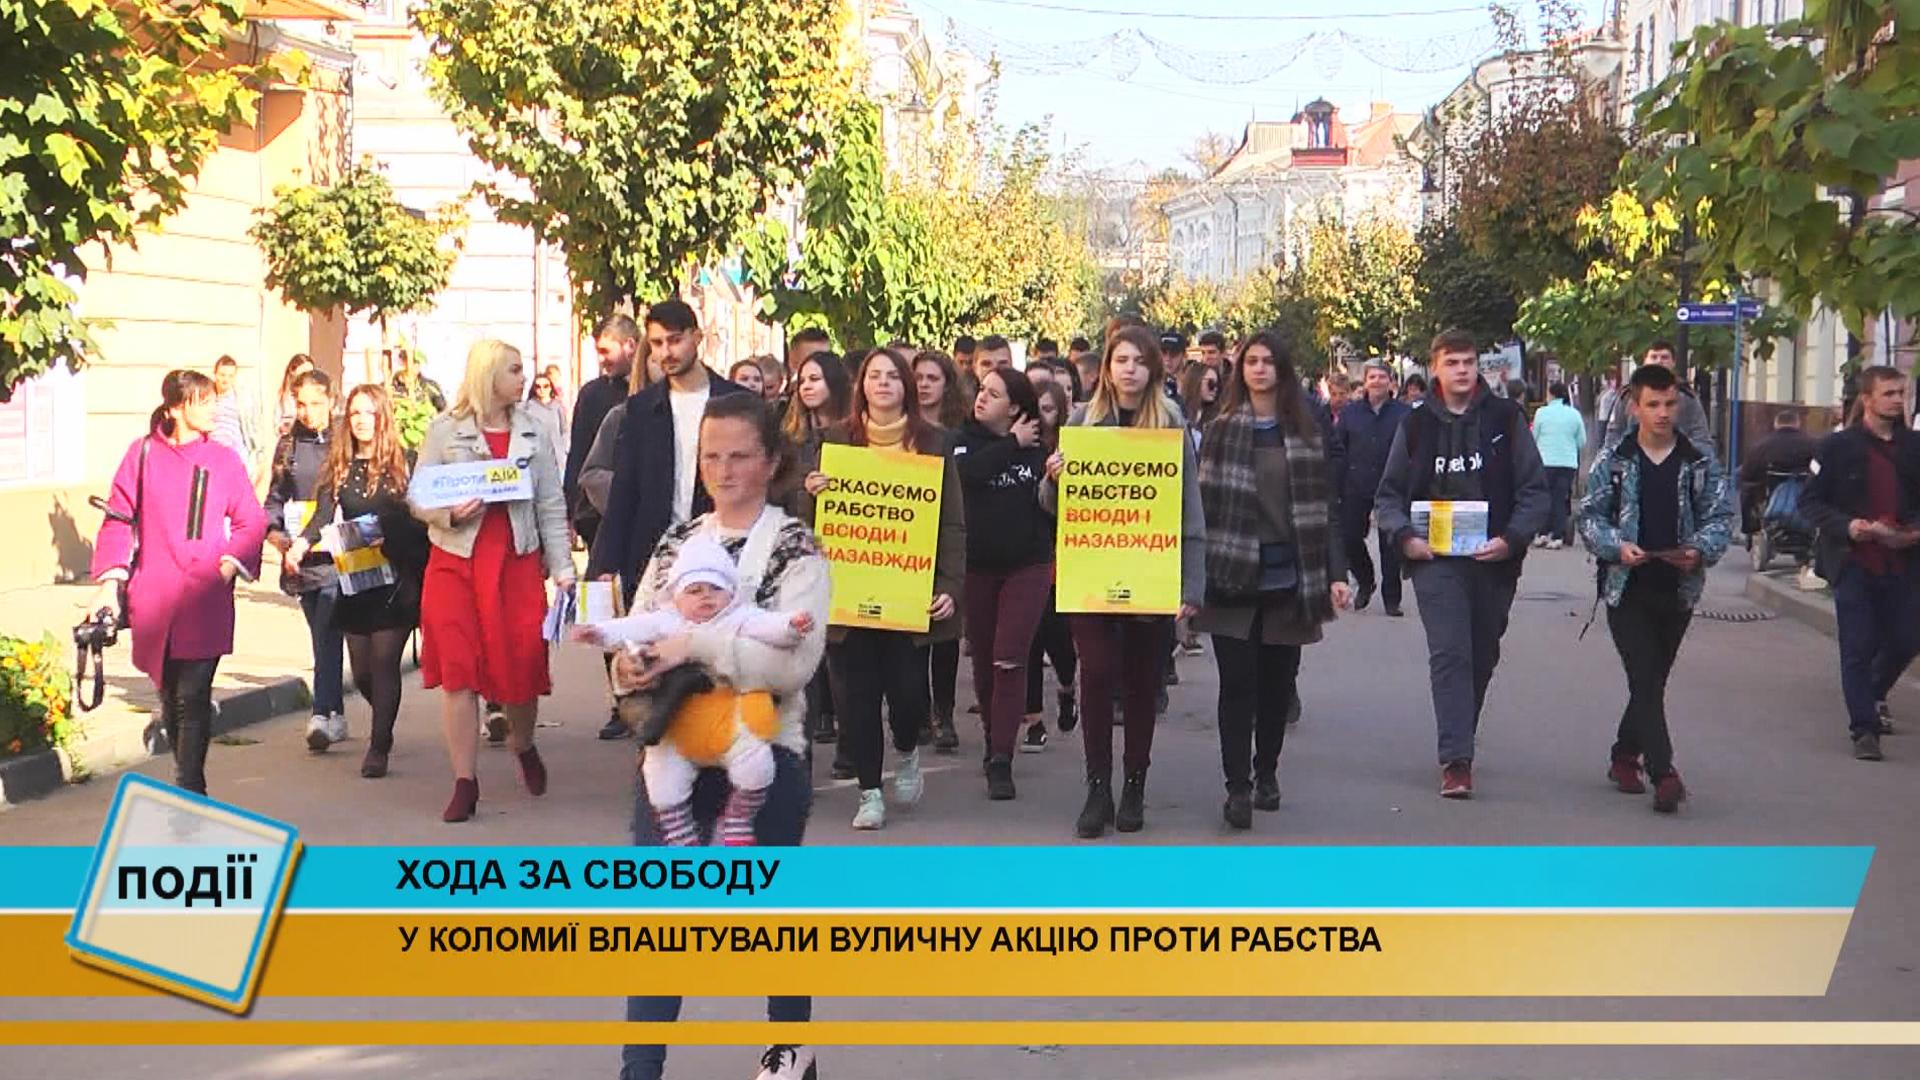 """Прикарпатці взяли участь у """"Ході за свободу"""" проти торгівлі людьми (відеосюжет)"""